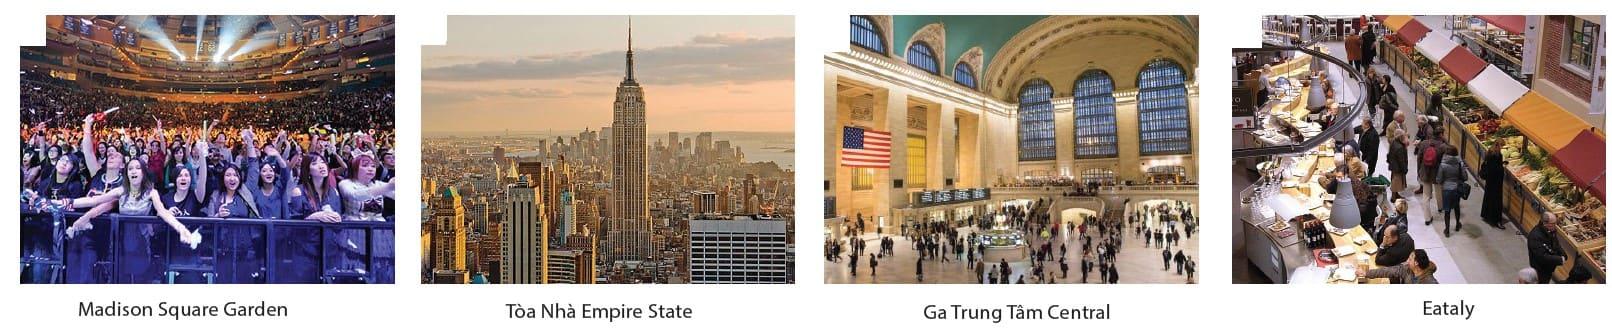 Địa điểm tham quan được yêu thích nhất tại Hoa Kỳ